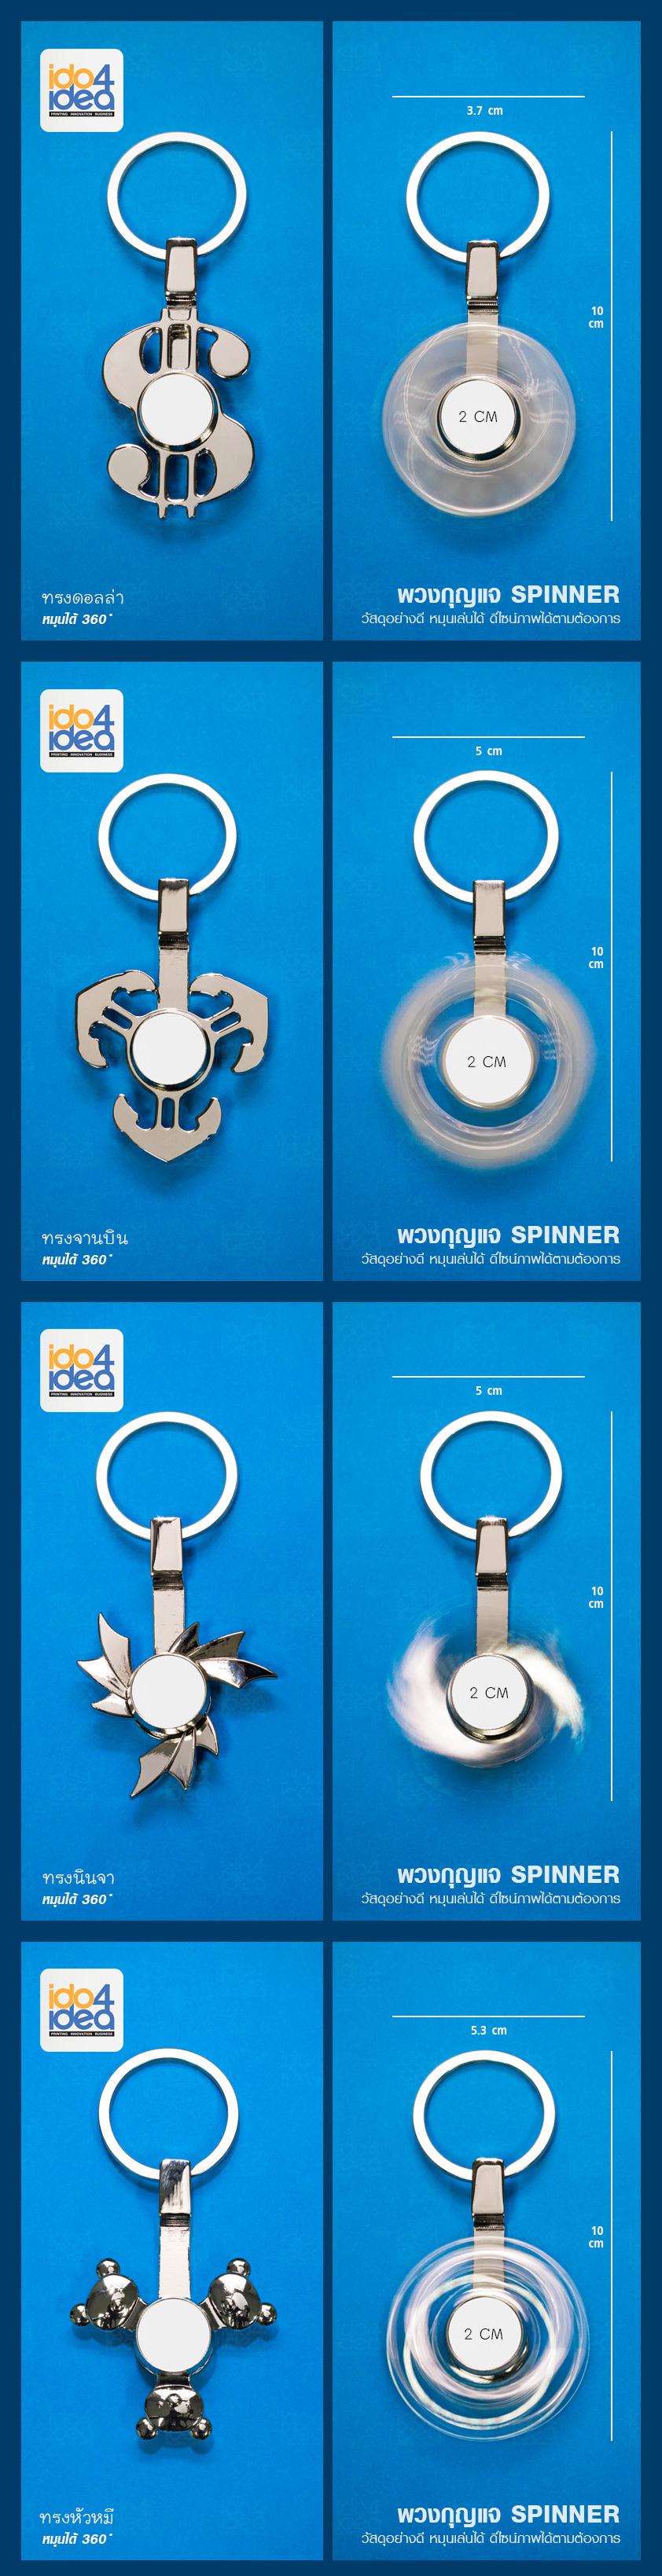 พวงกุญแจ Spinner พิมพ์ภาพหมุนได้